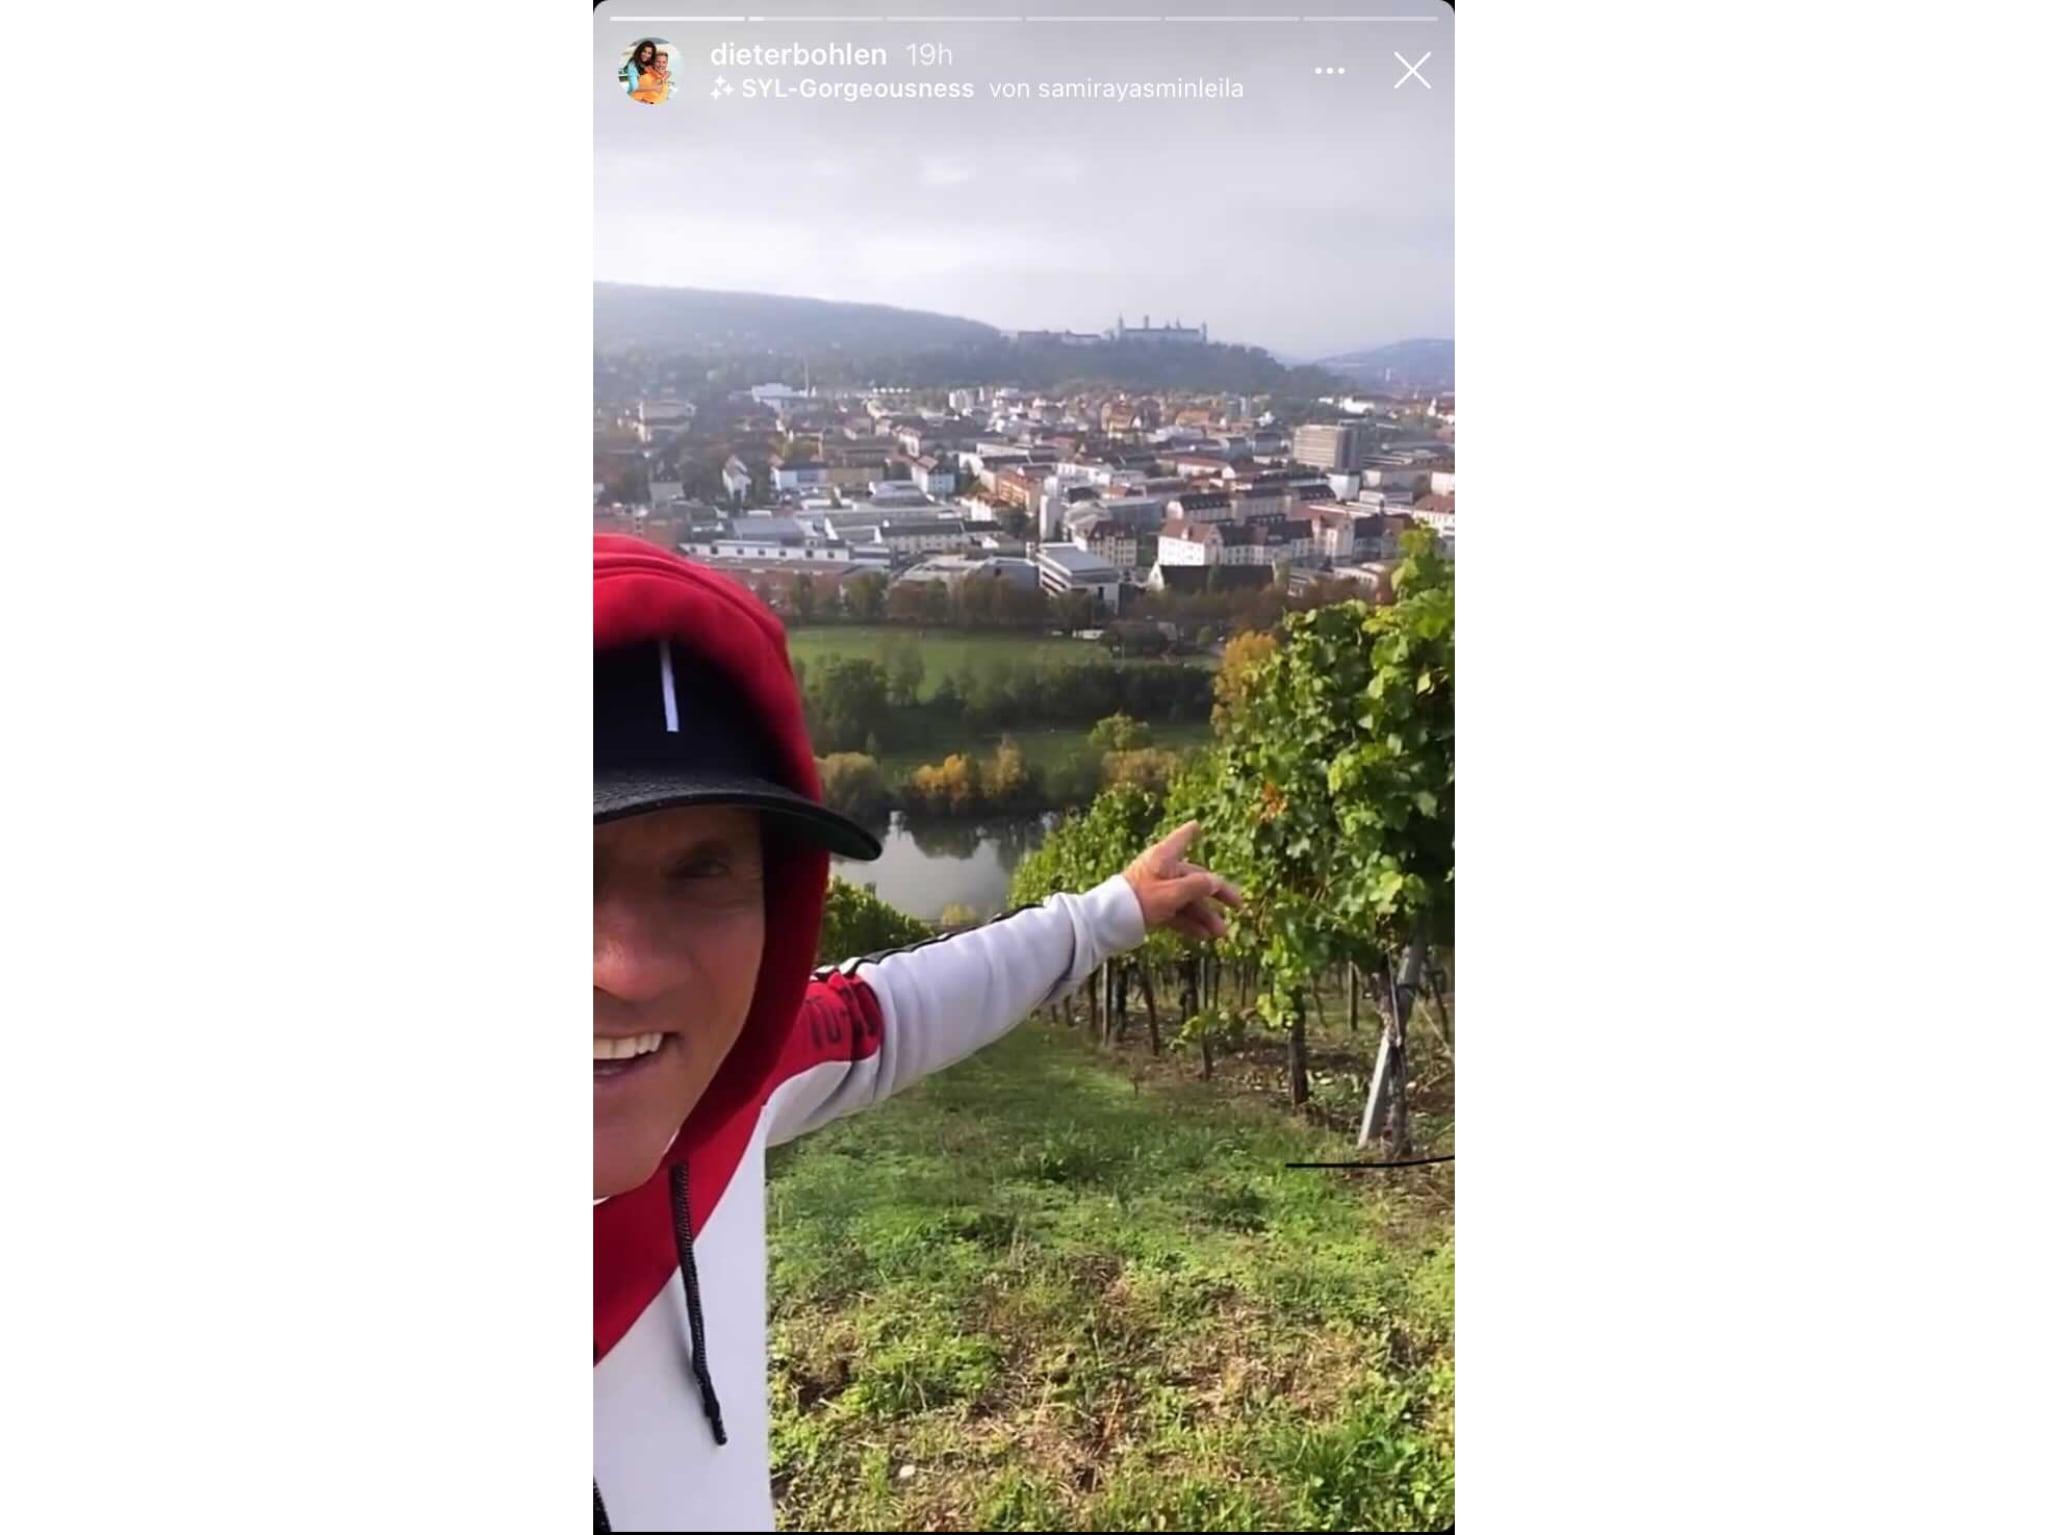 Dieter Bohlen zeigt sich in seiner Instagram Story in Würzburg. Screenshot: Instagram